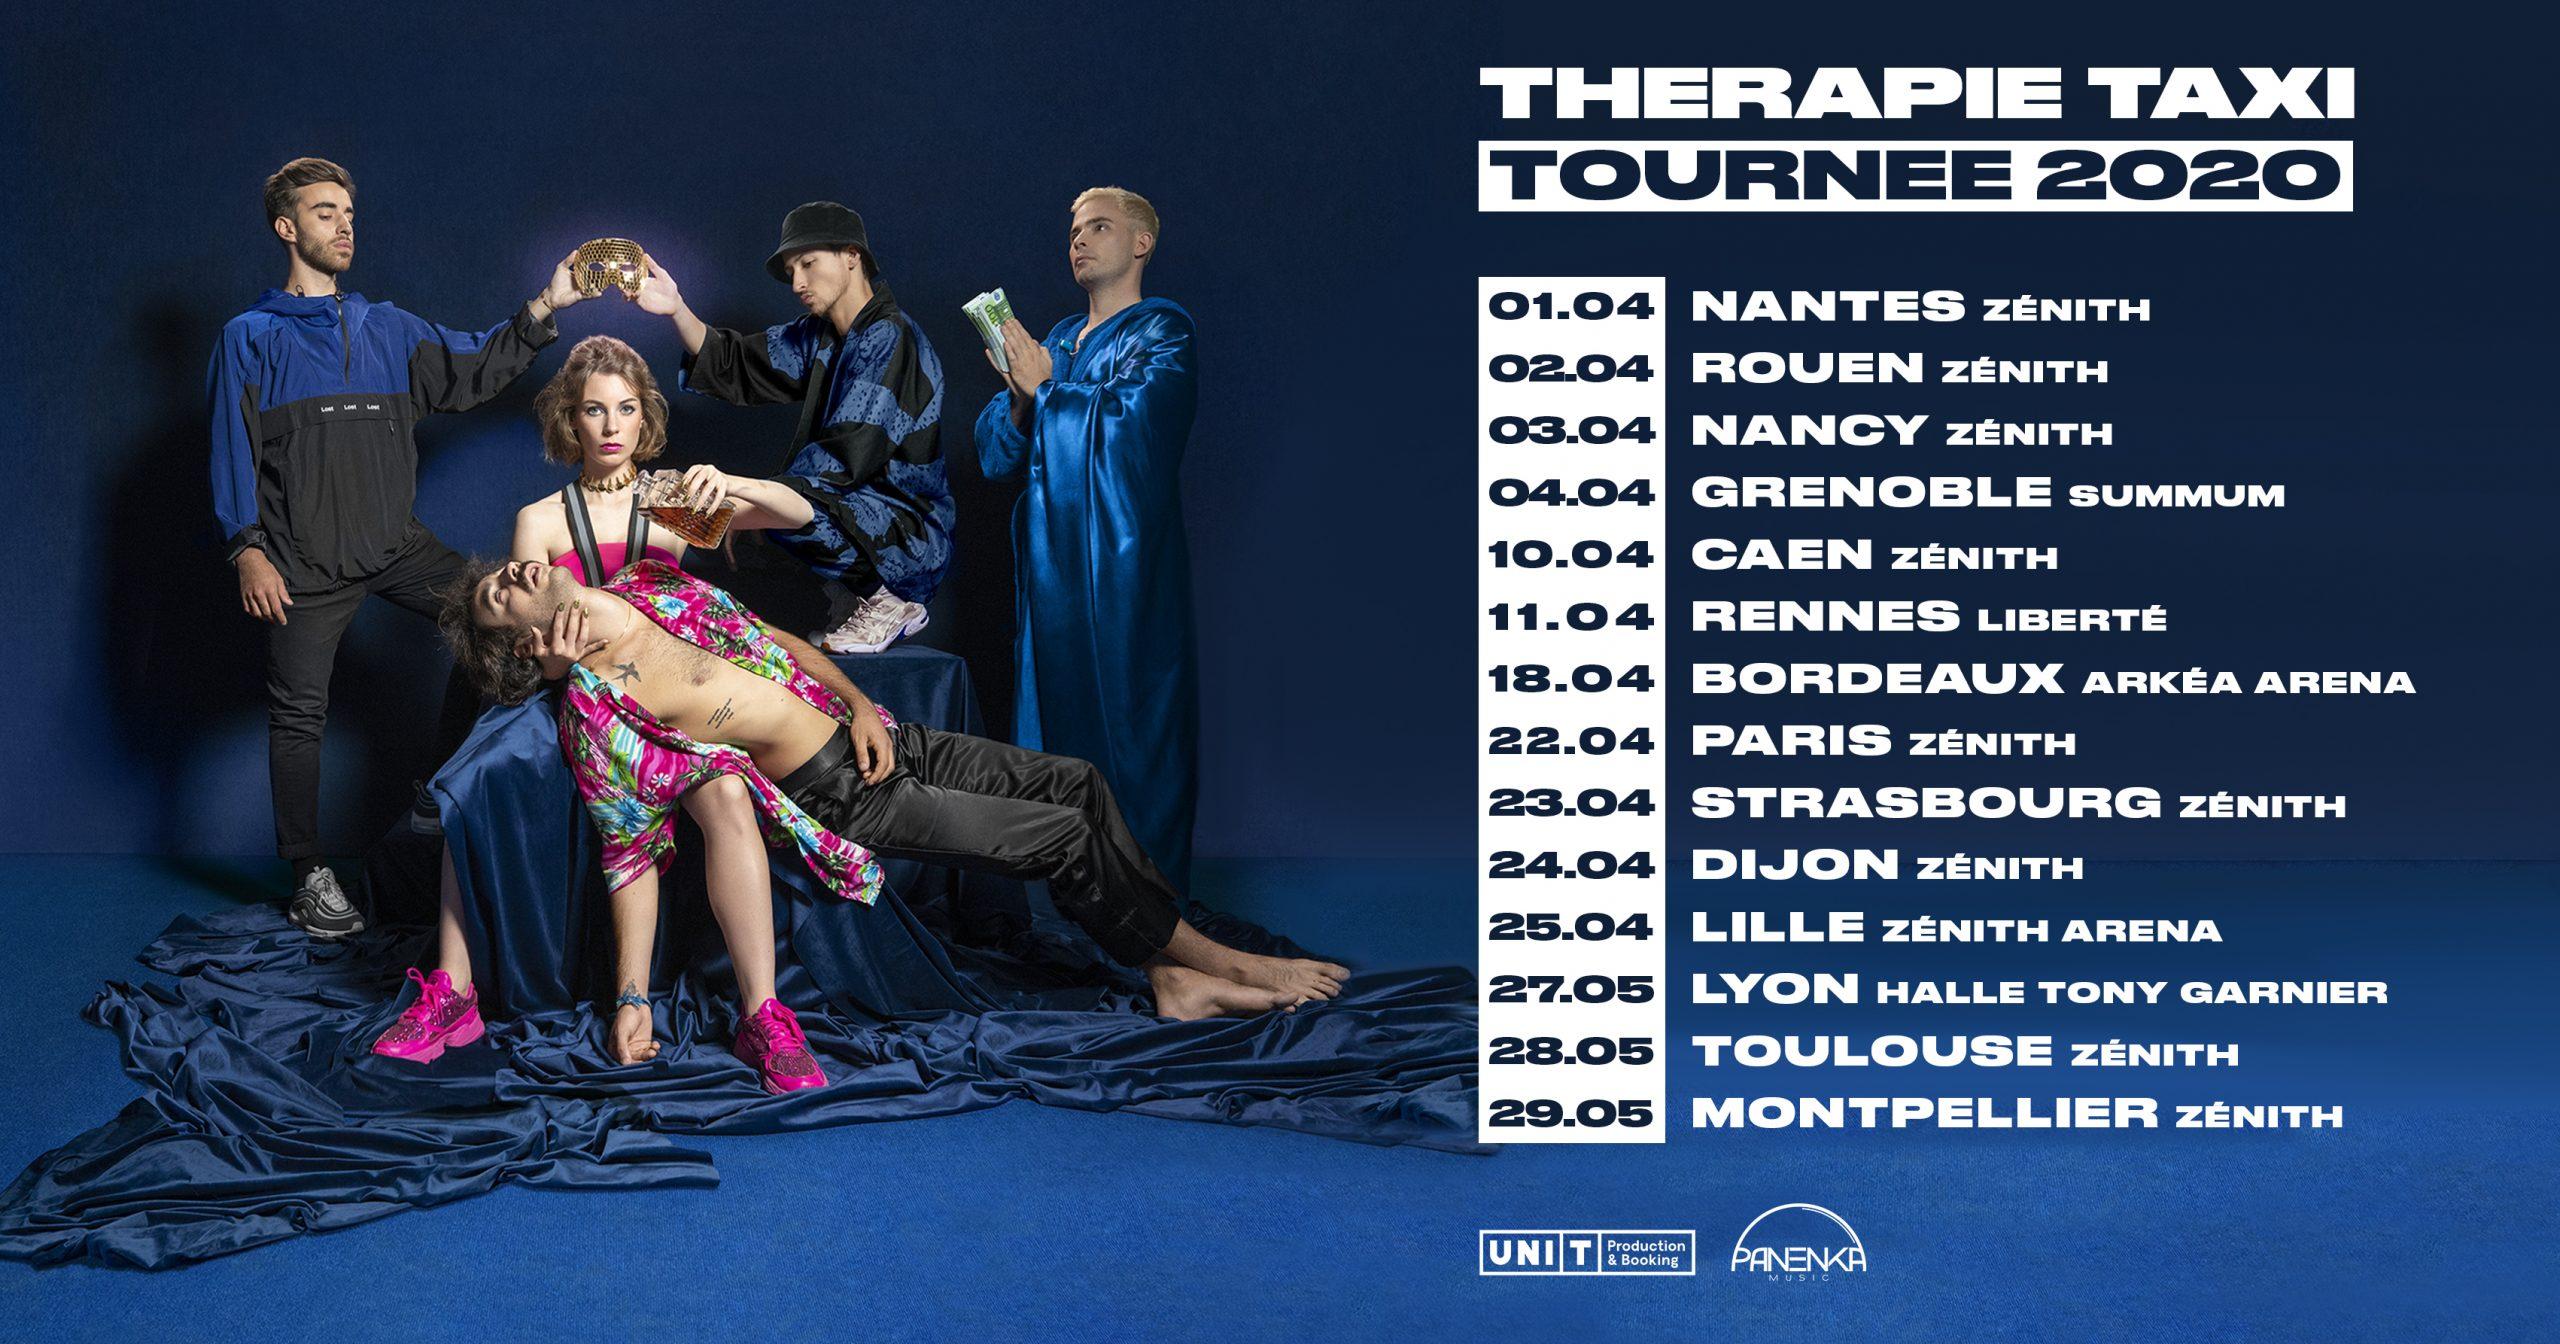 therapie taxi tournée 2020